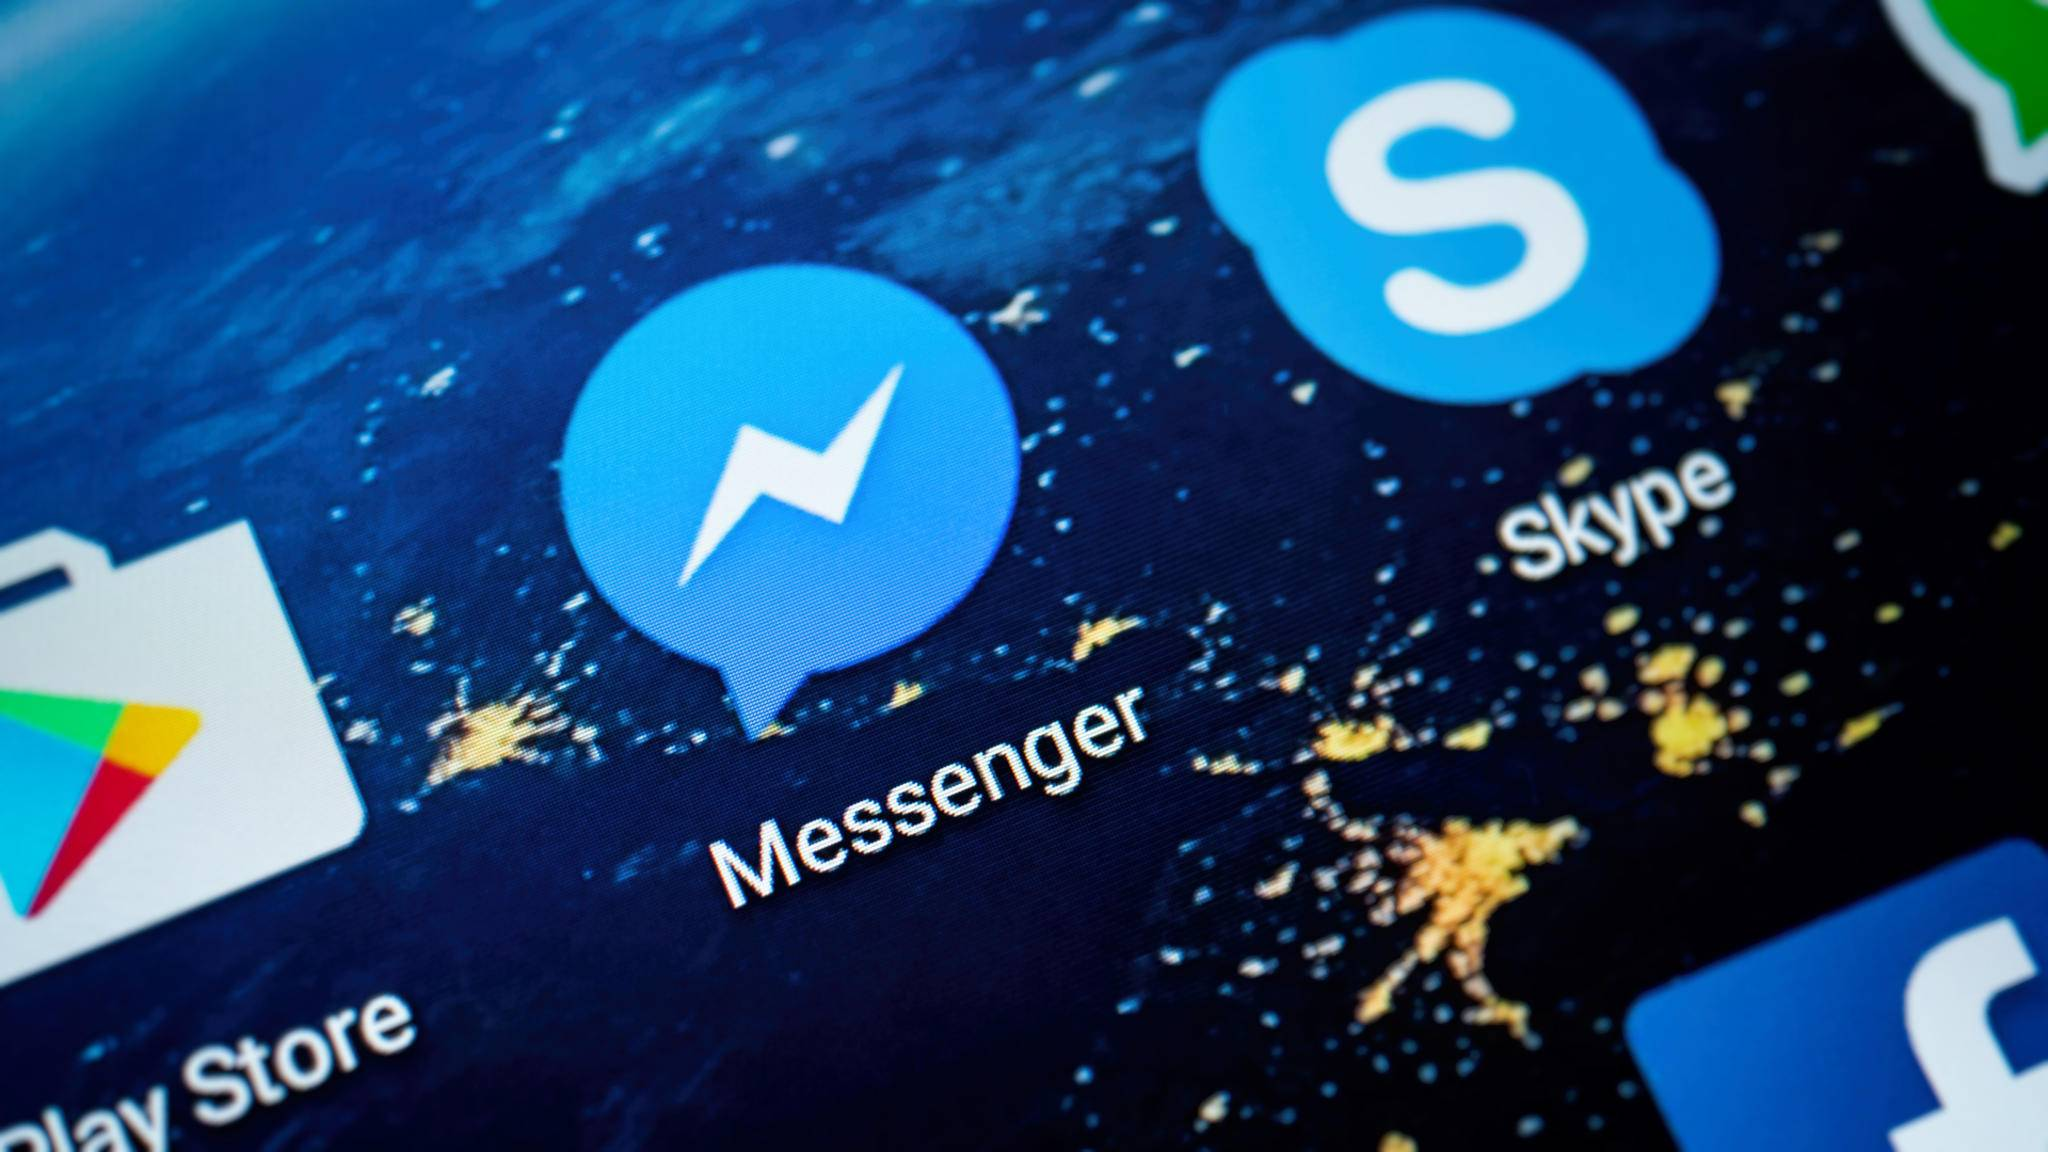 Anders als die Facebook-App hat der Messenger keinen Abmelde-Button.